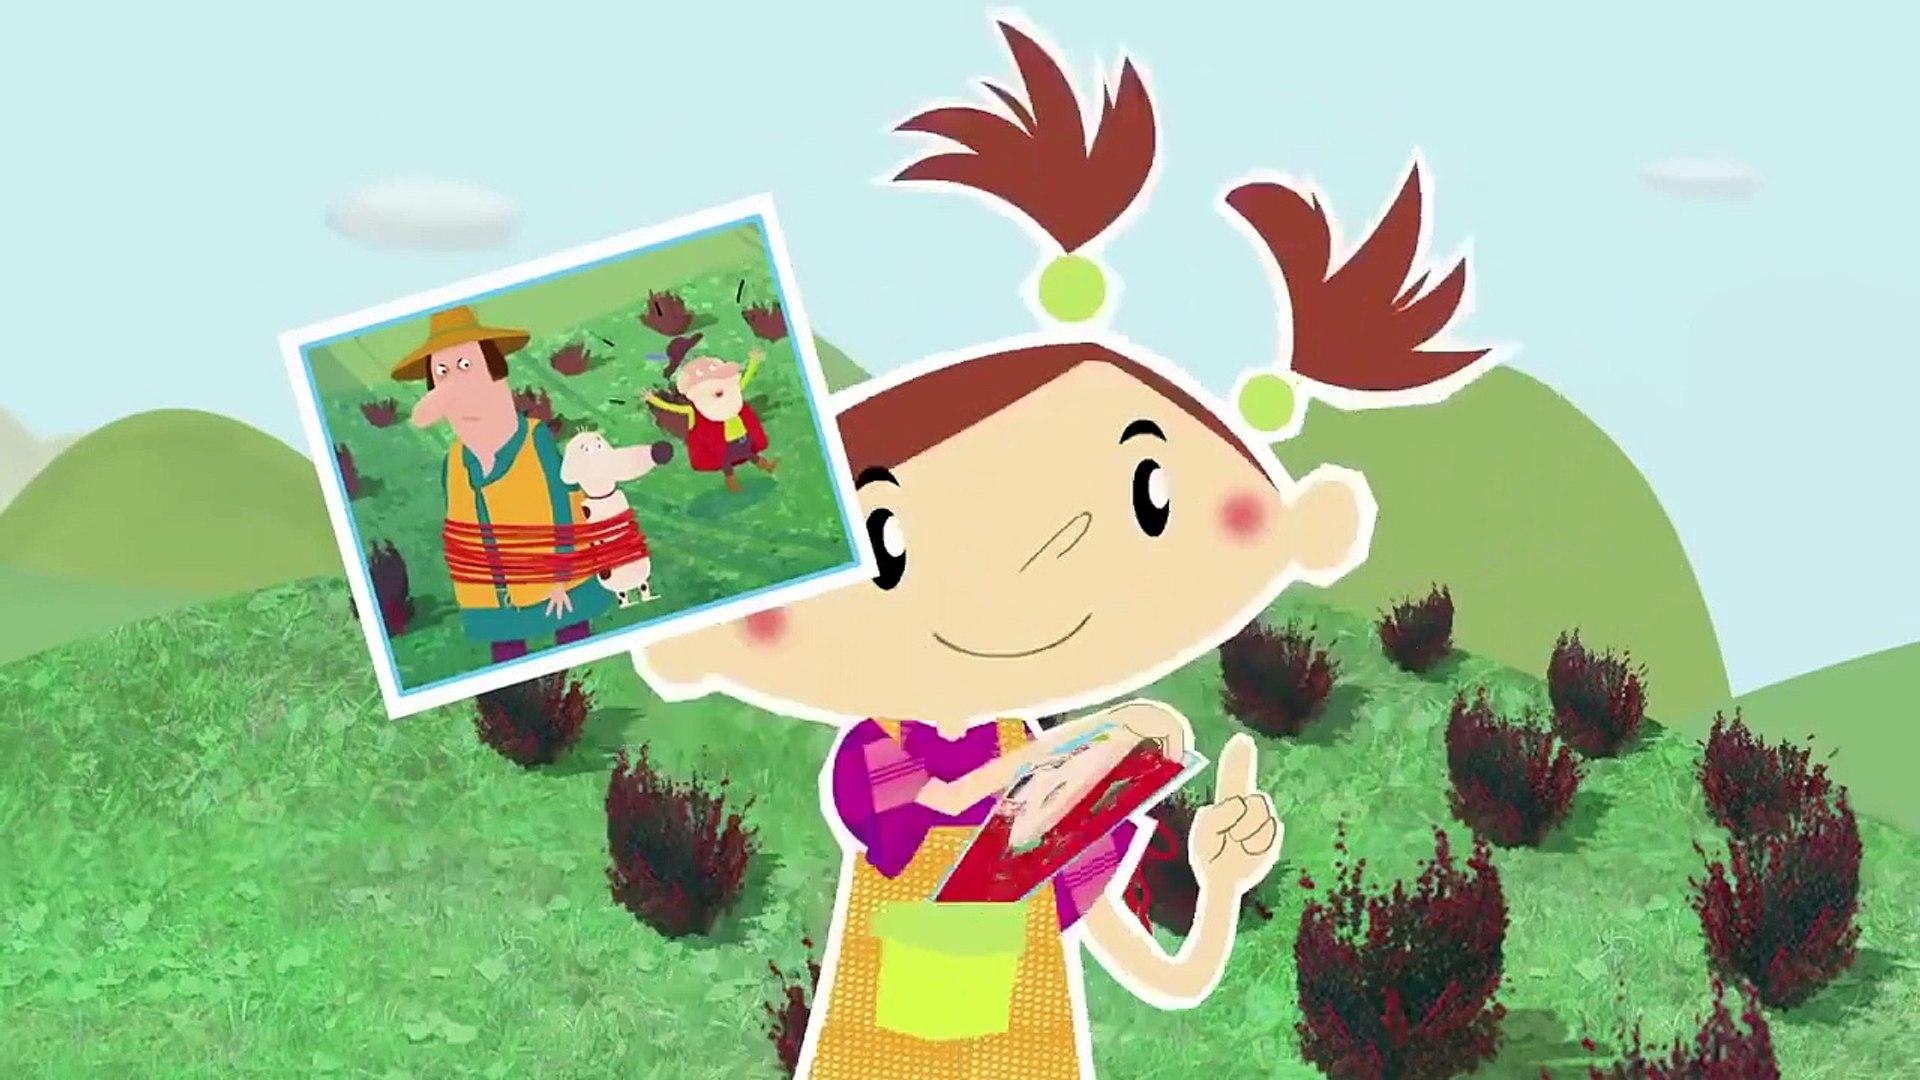 Dessin animé en francais ★ MILA raconte des histoires de LUTINS ★ Dessin animé en francais Cmplet